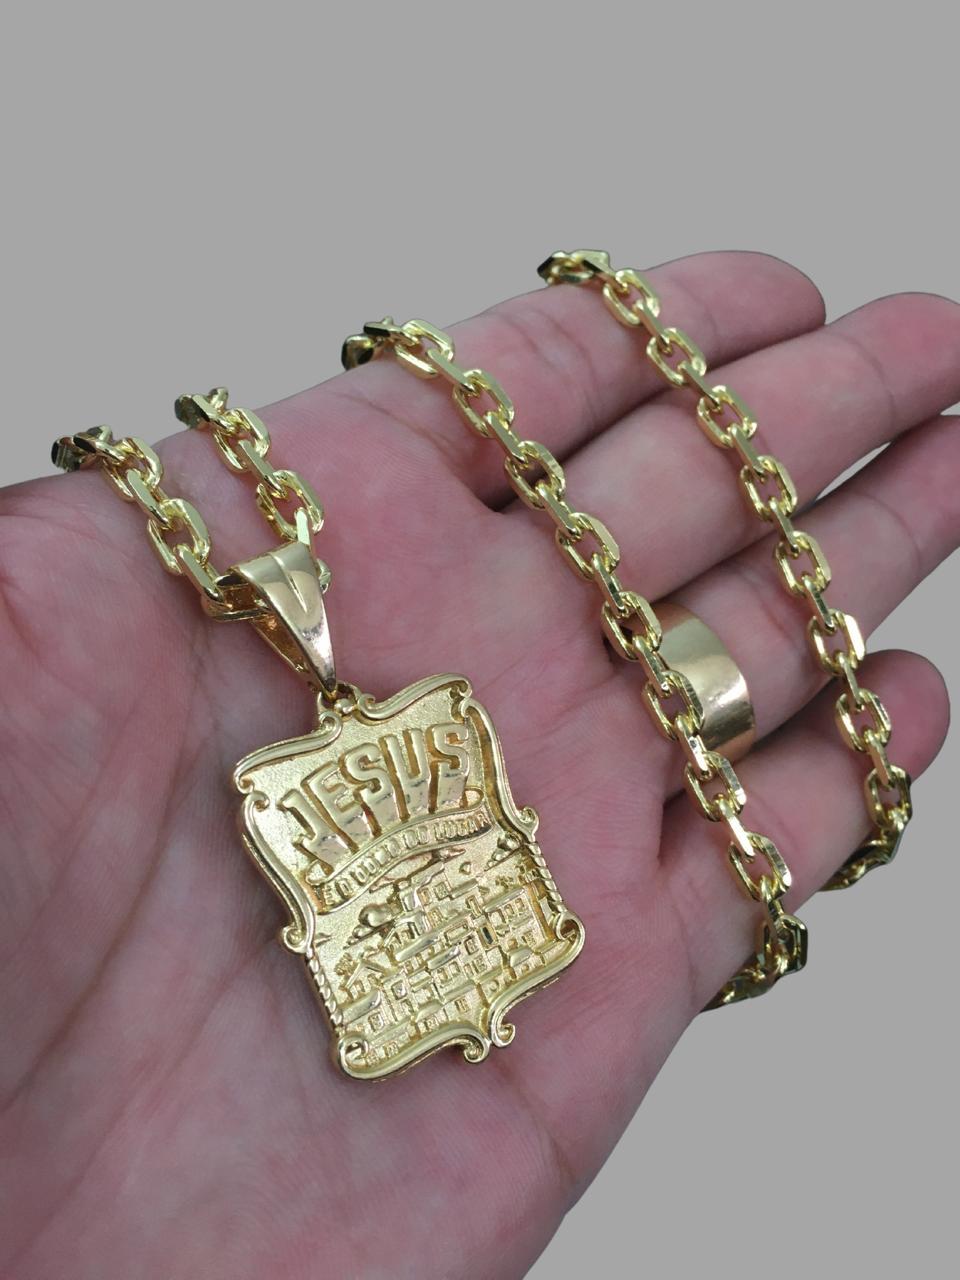 Corrente cartie - 5 mm   -   70 CM  - fecho canhão Com Pingente Jesus é o dono do Lugar -Banhados a Ouro 18k